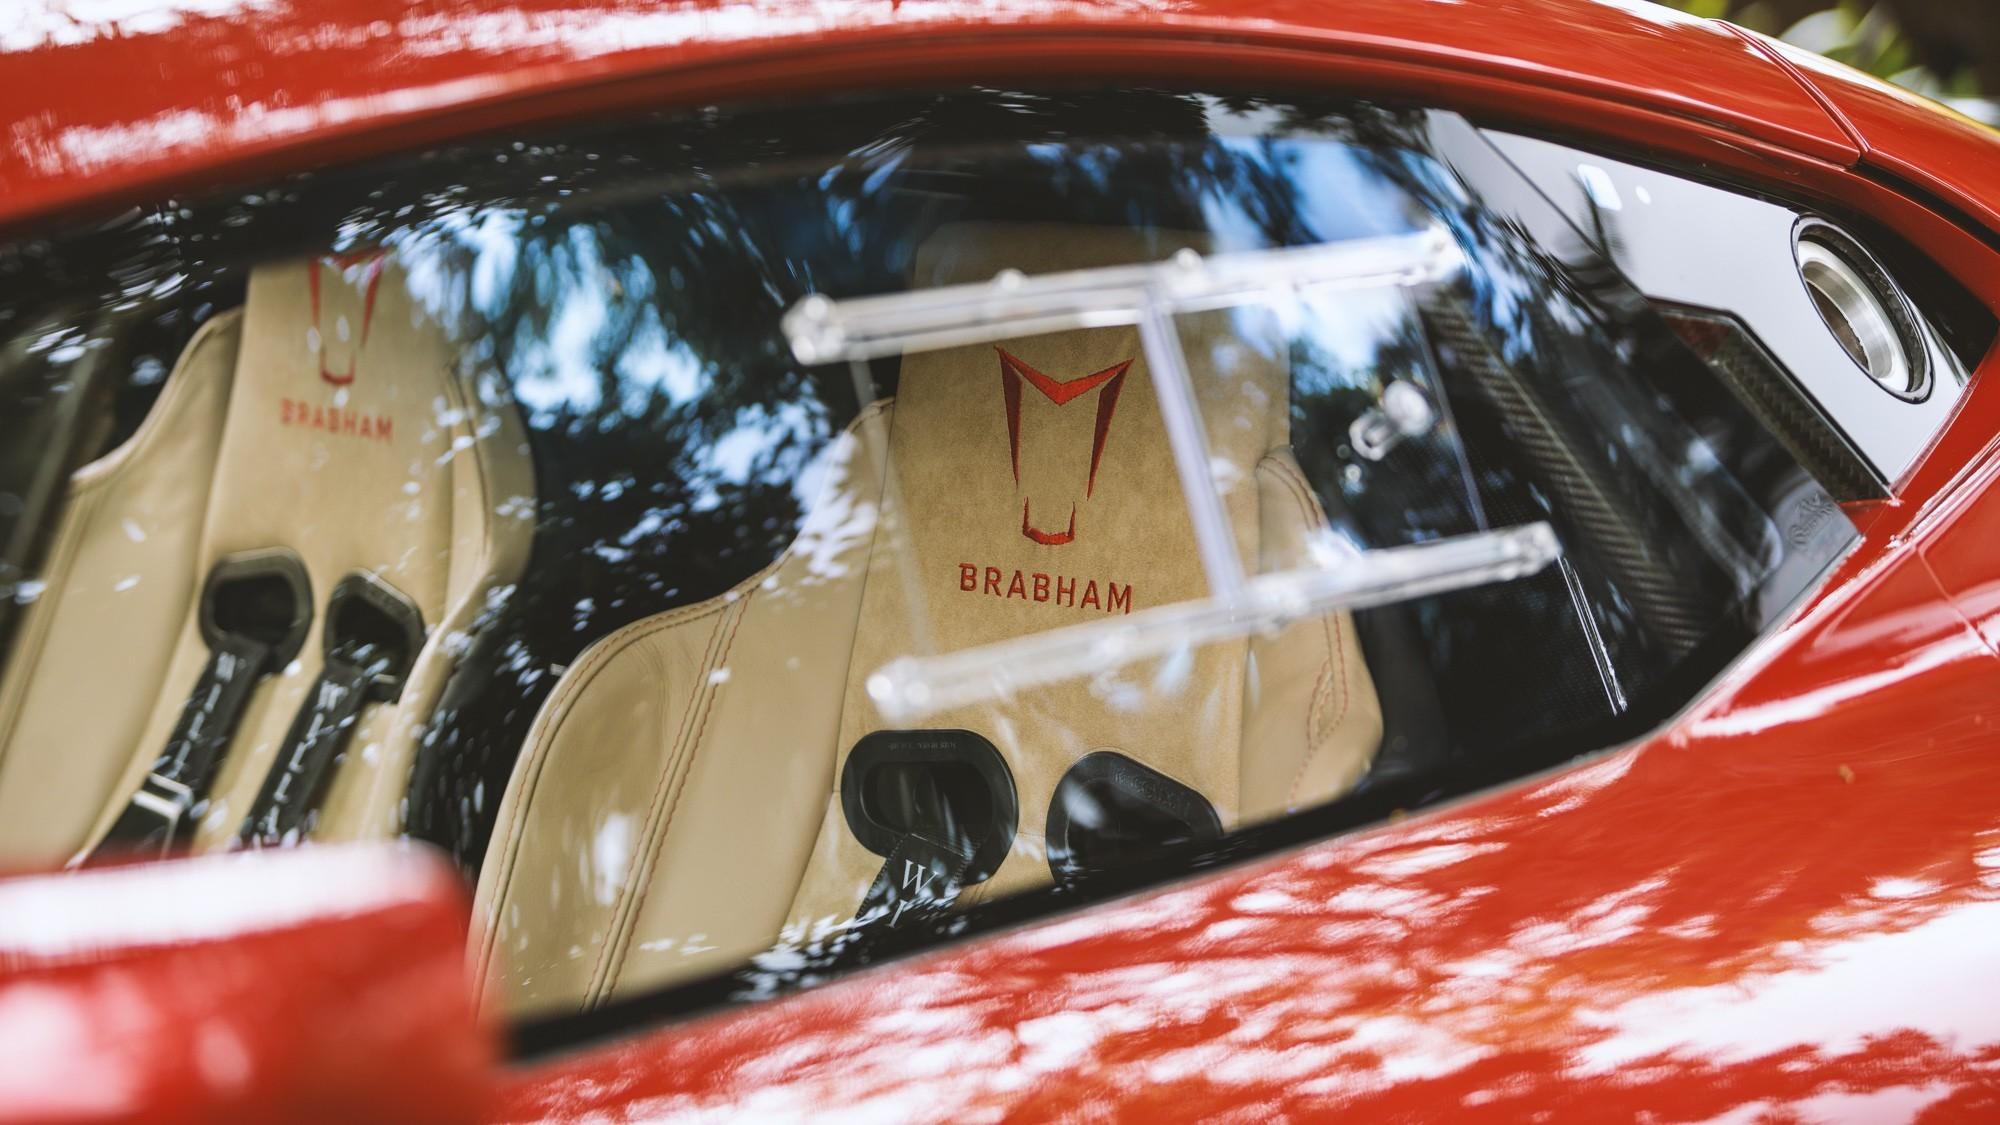 Brabham BT62R: дорожный суперкар с самым мощным атмосферным V8 в мире